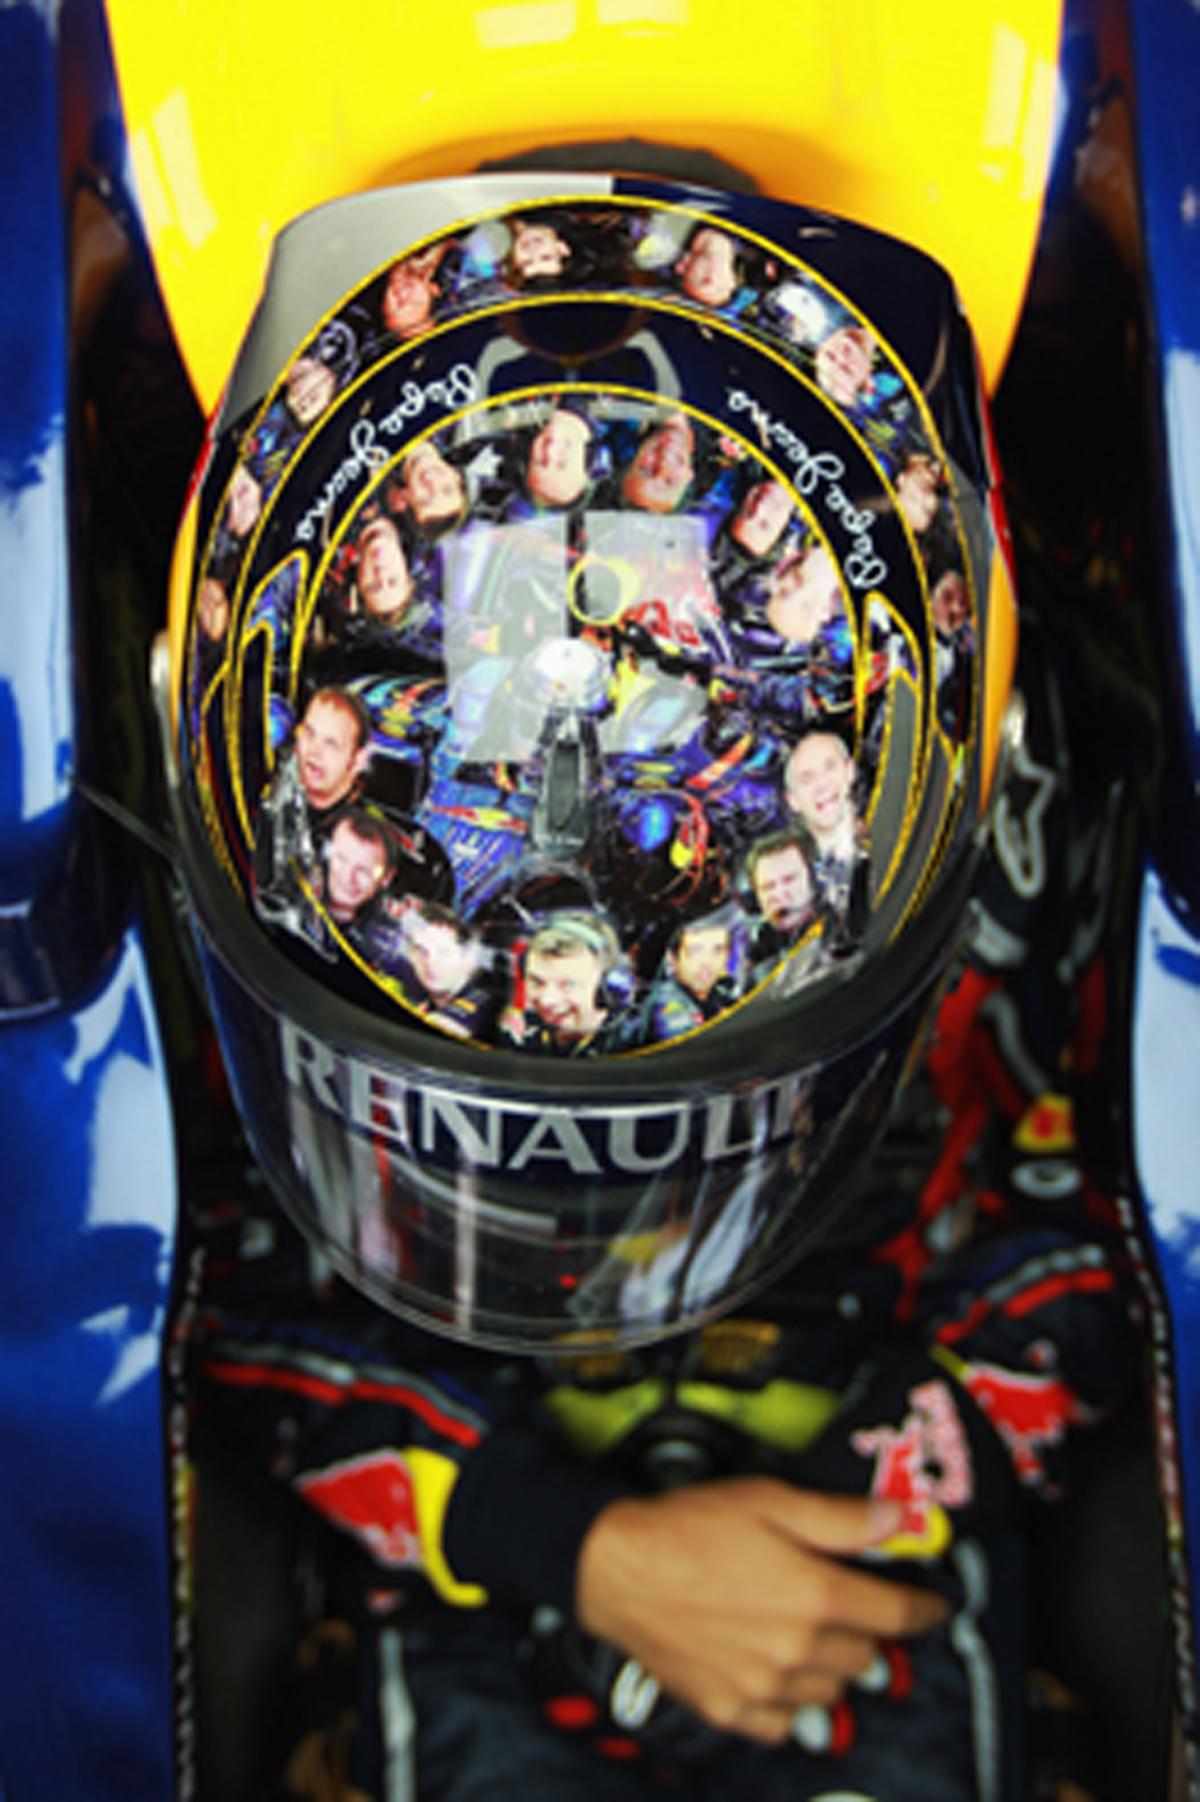 セバスチャン・ベッテル F1イギリスGP ヘルメット